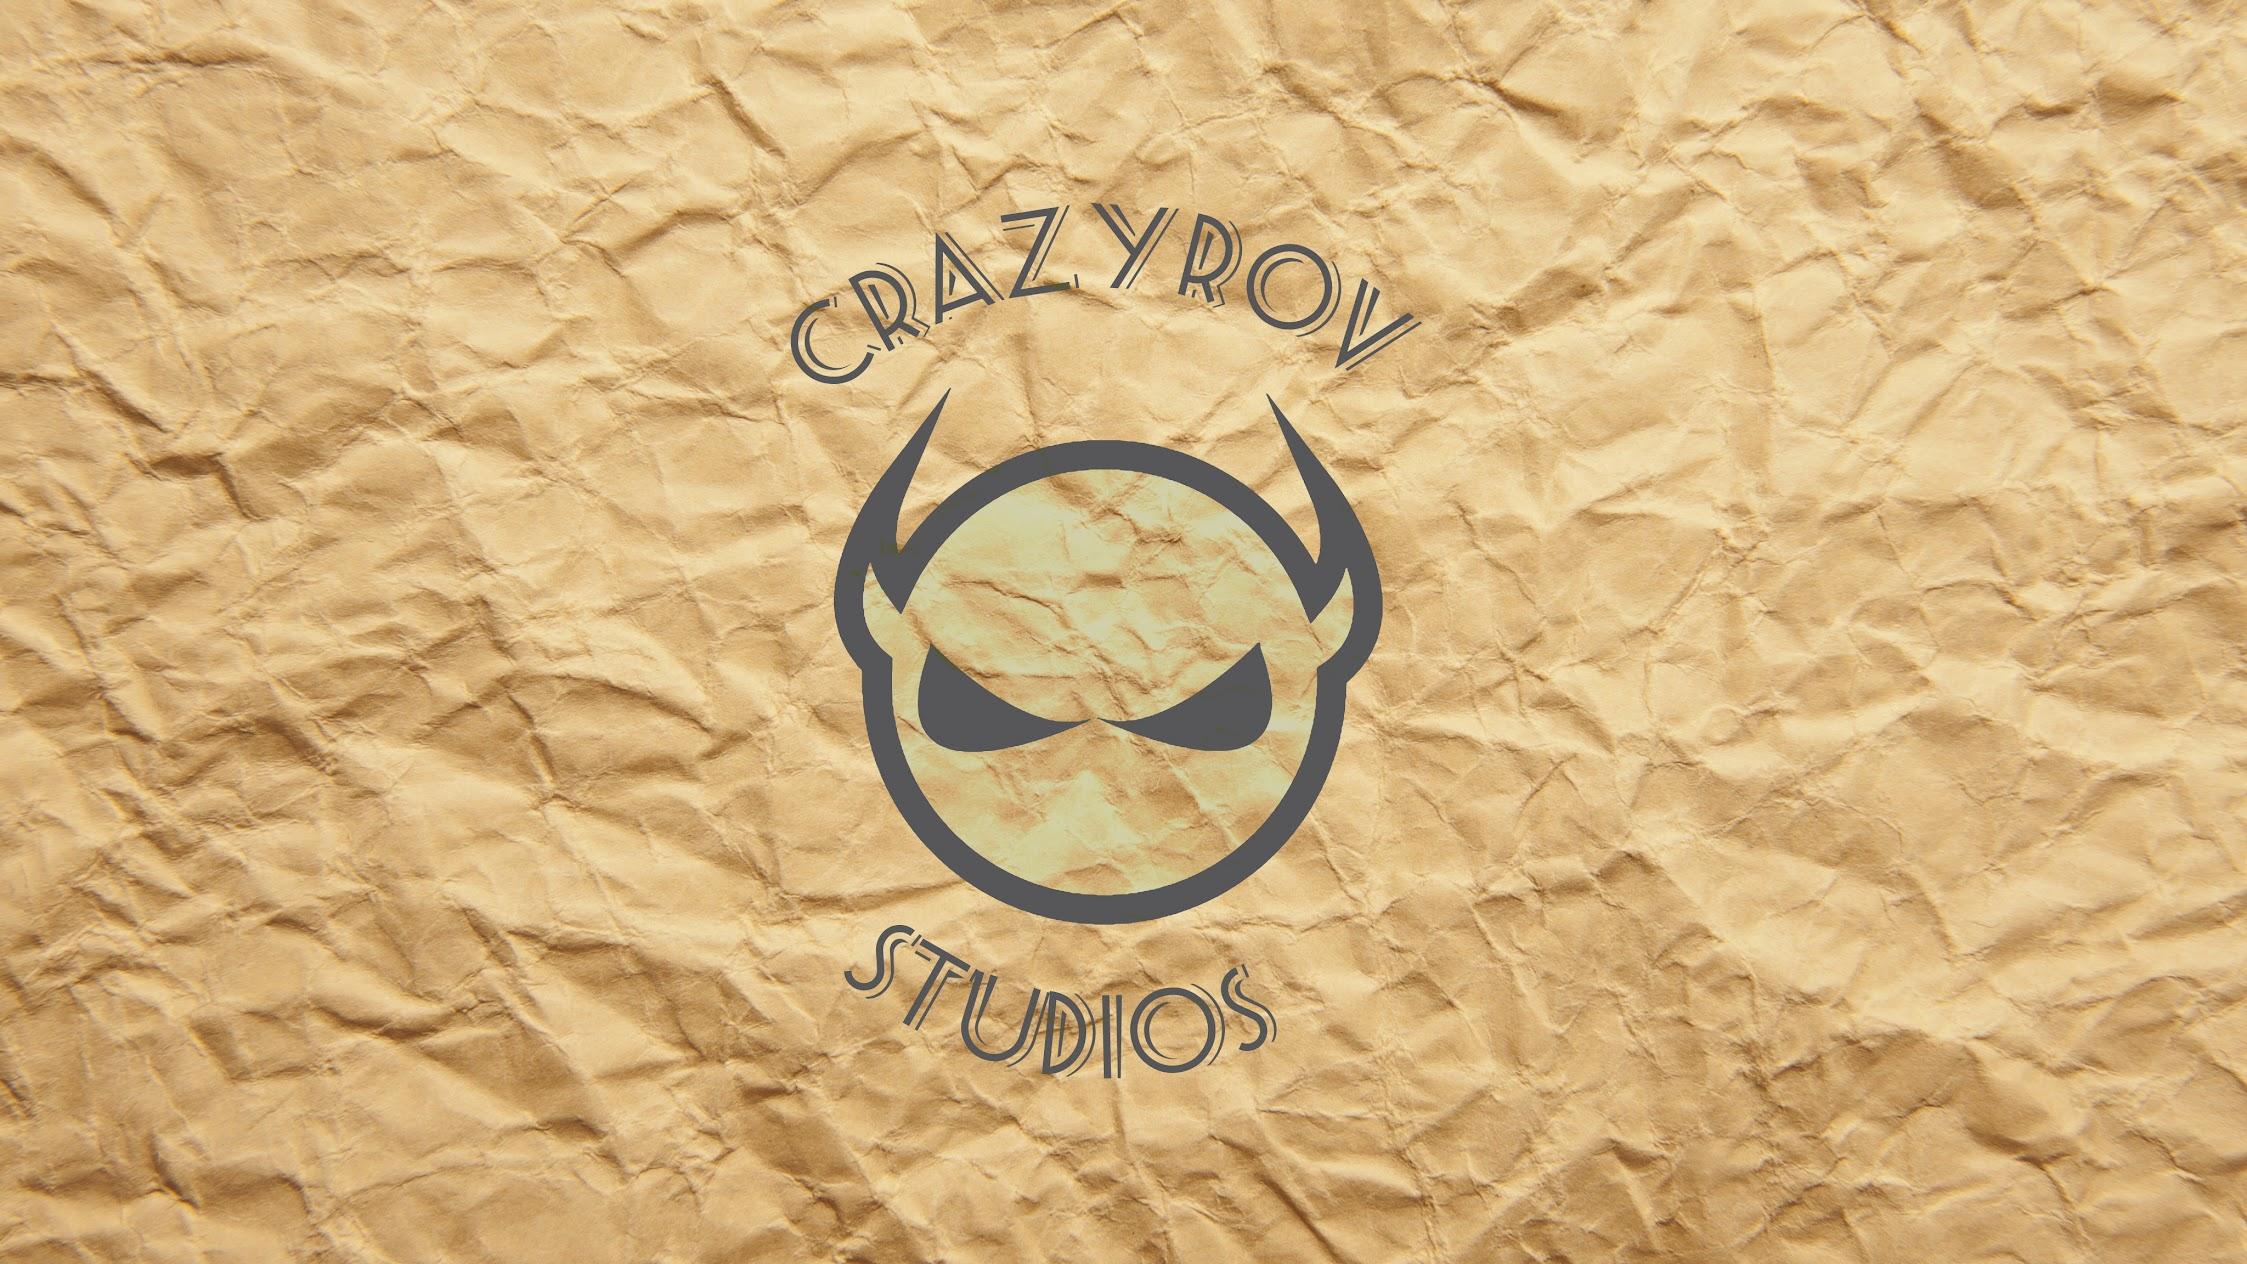 Crazyrov Studio